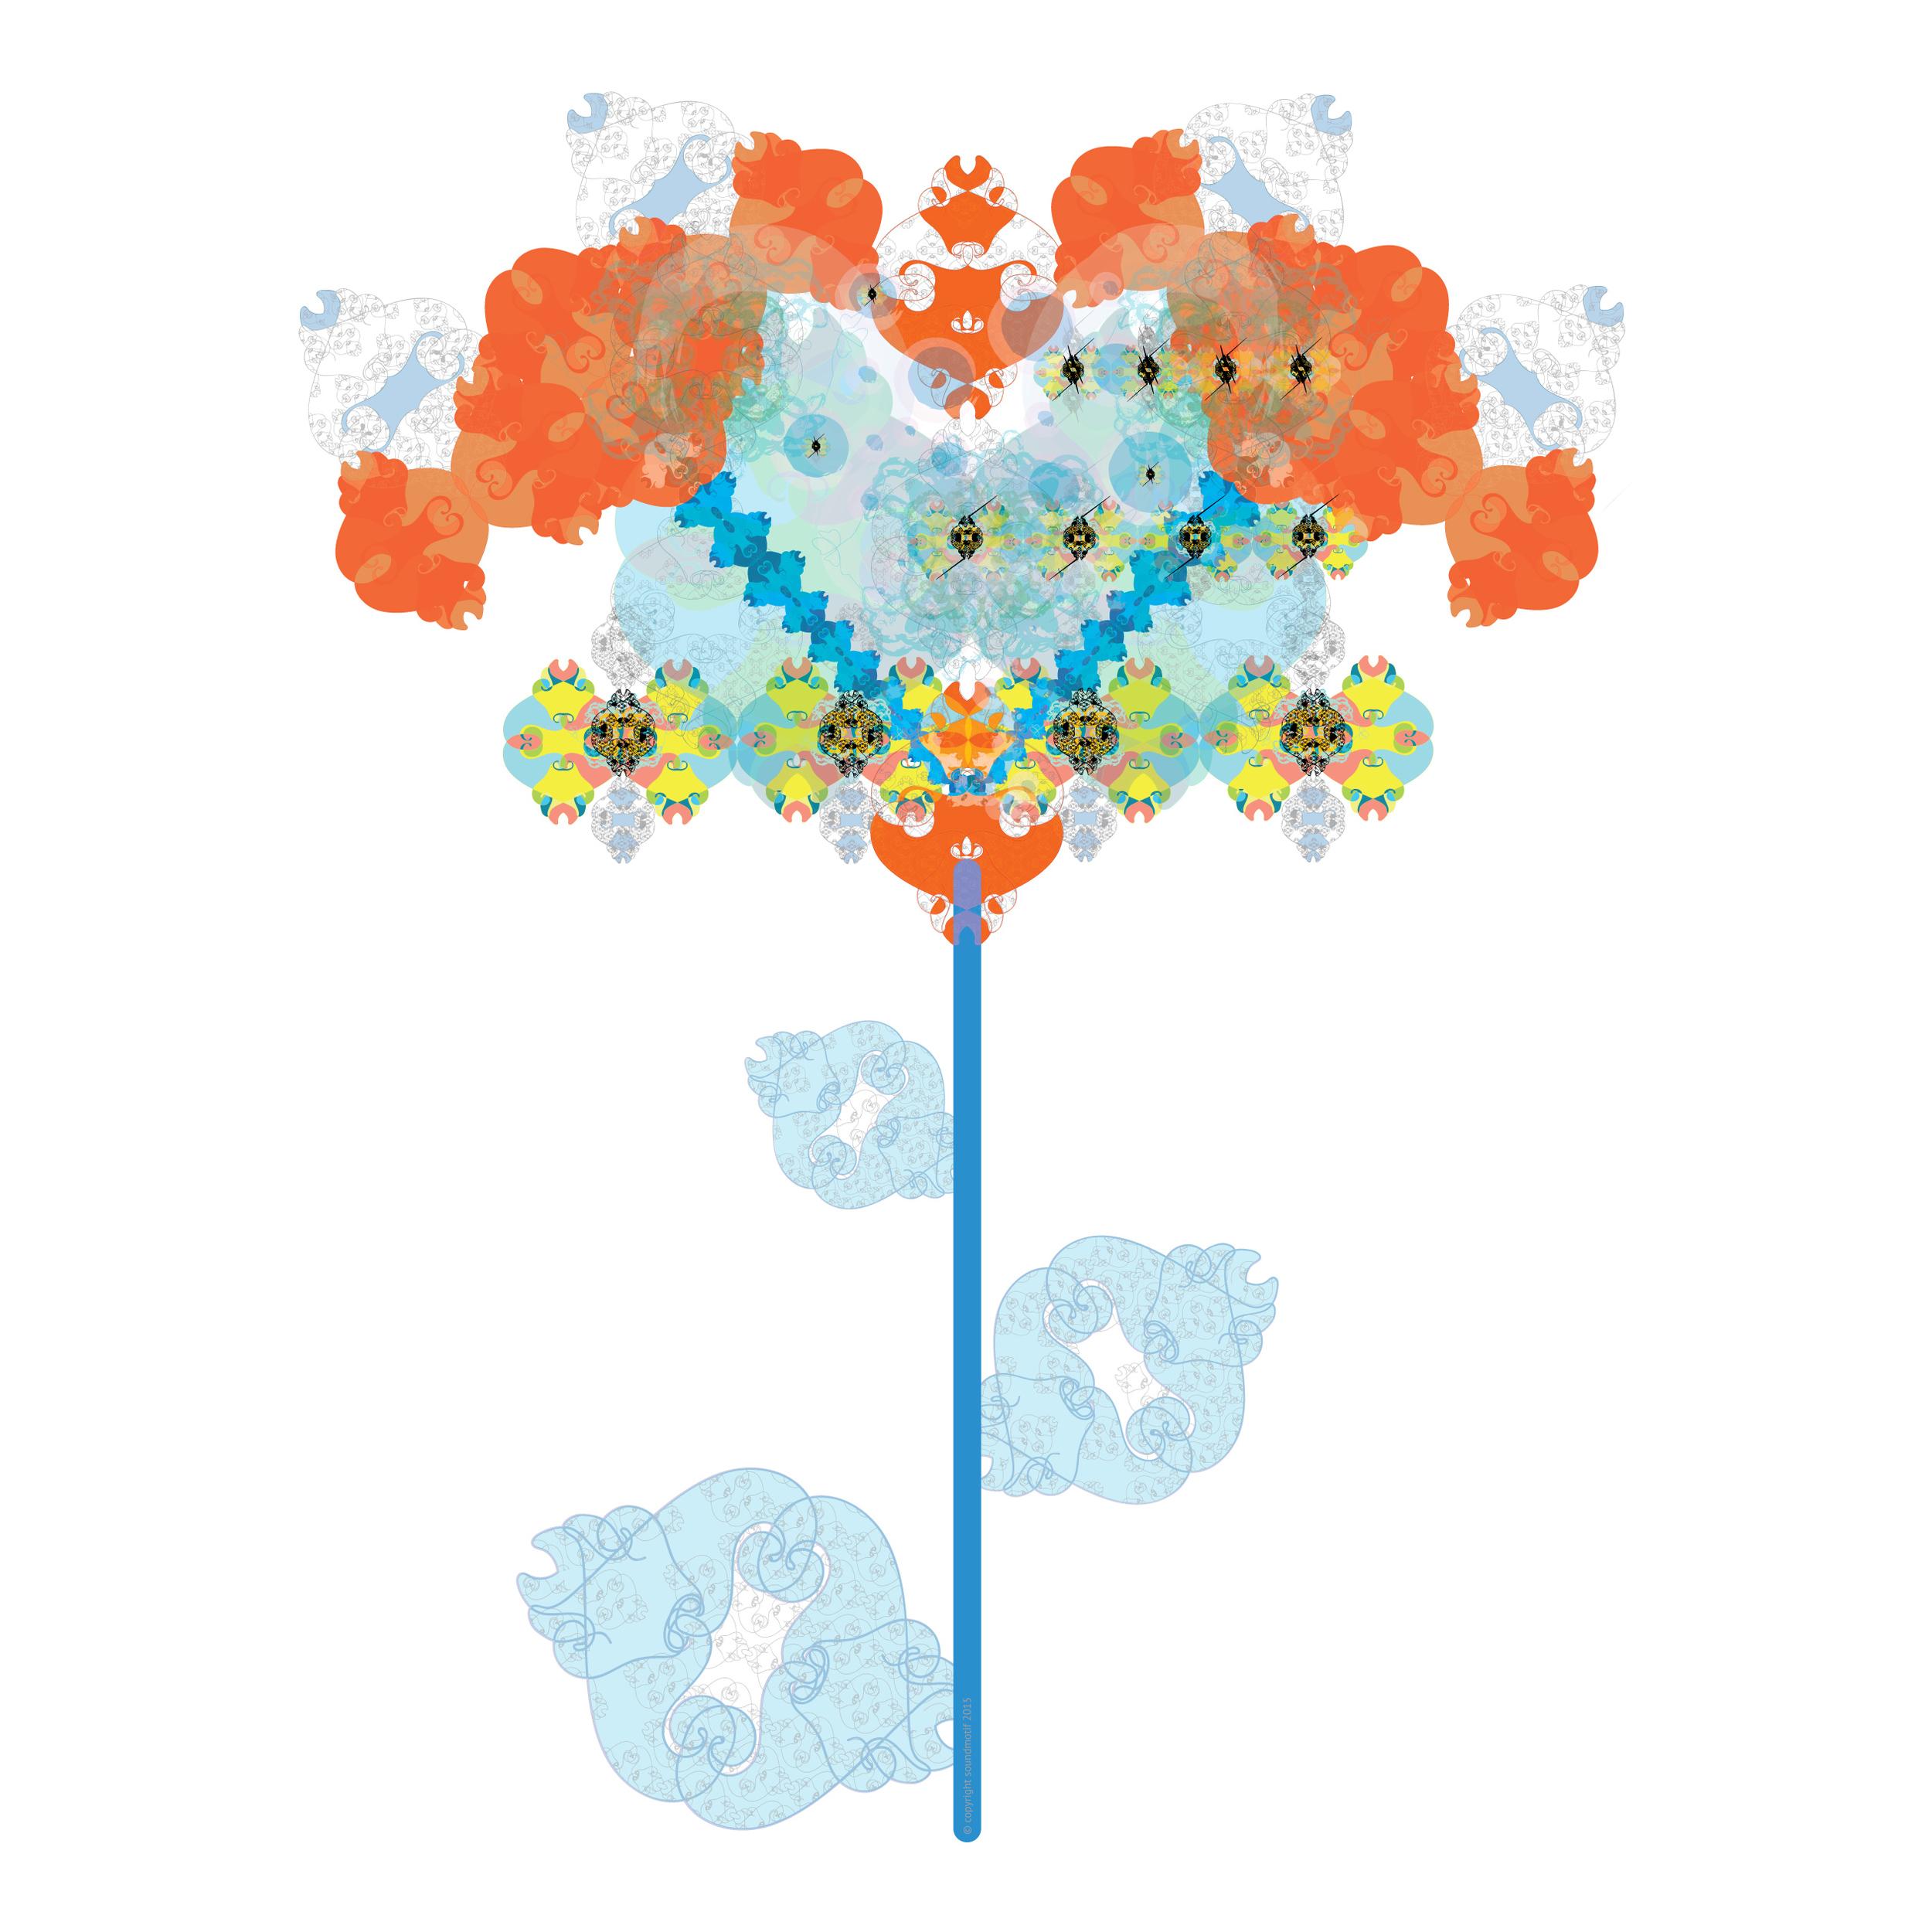 Heart-Blossom_soundmotif_melisse-design-web.jpg